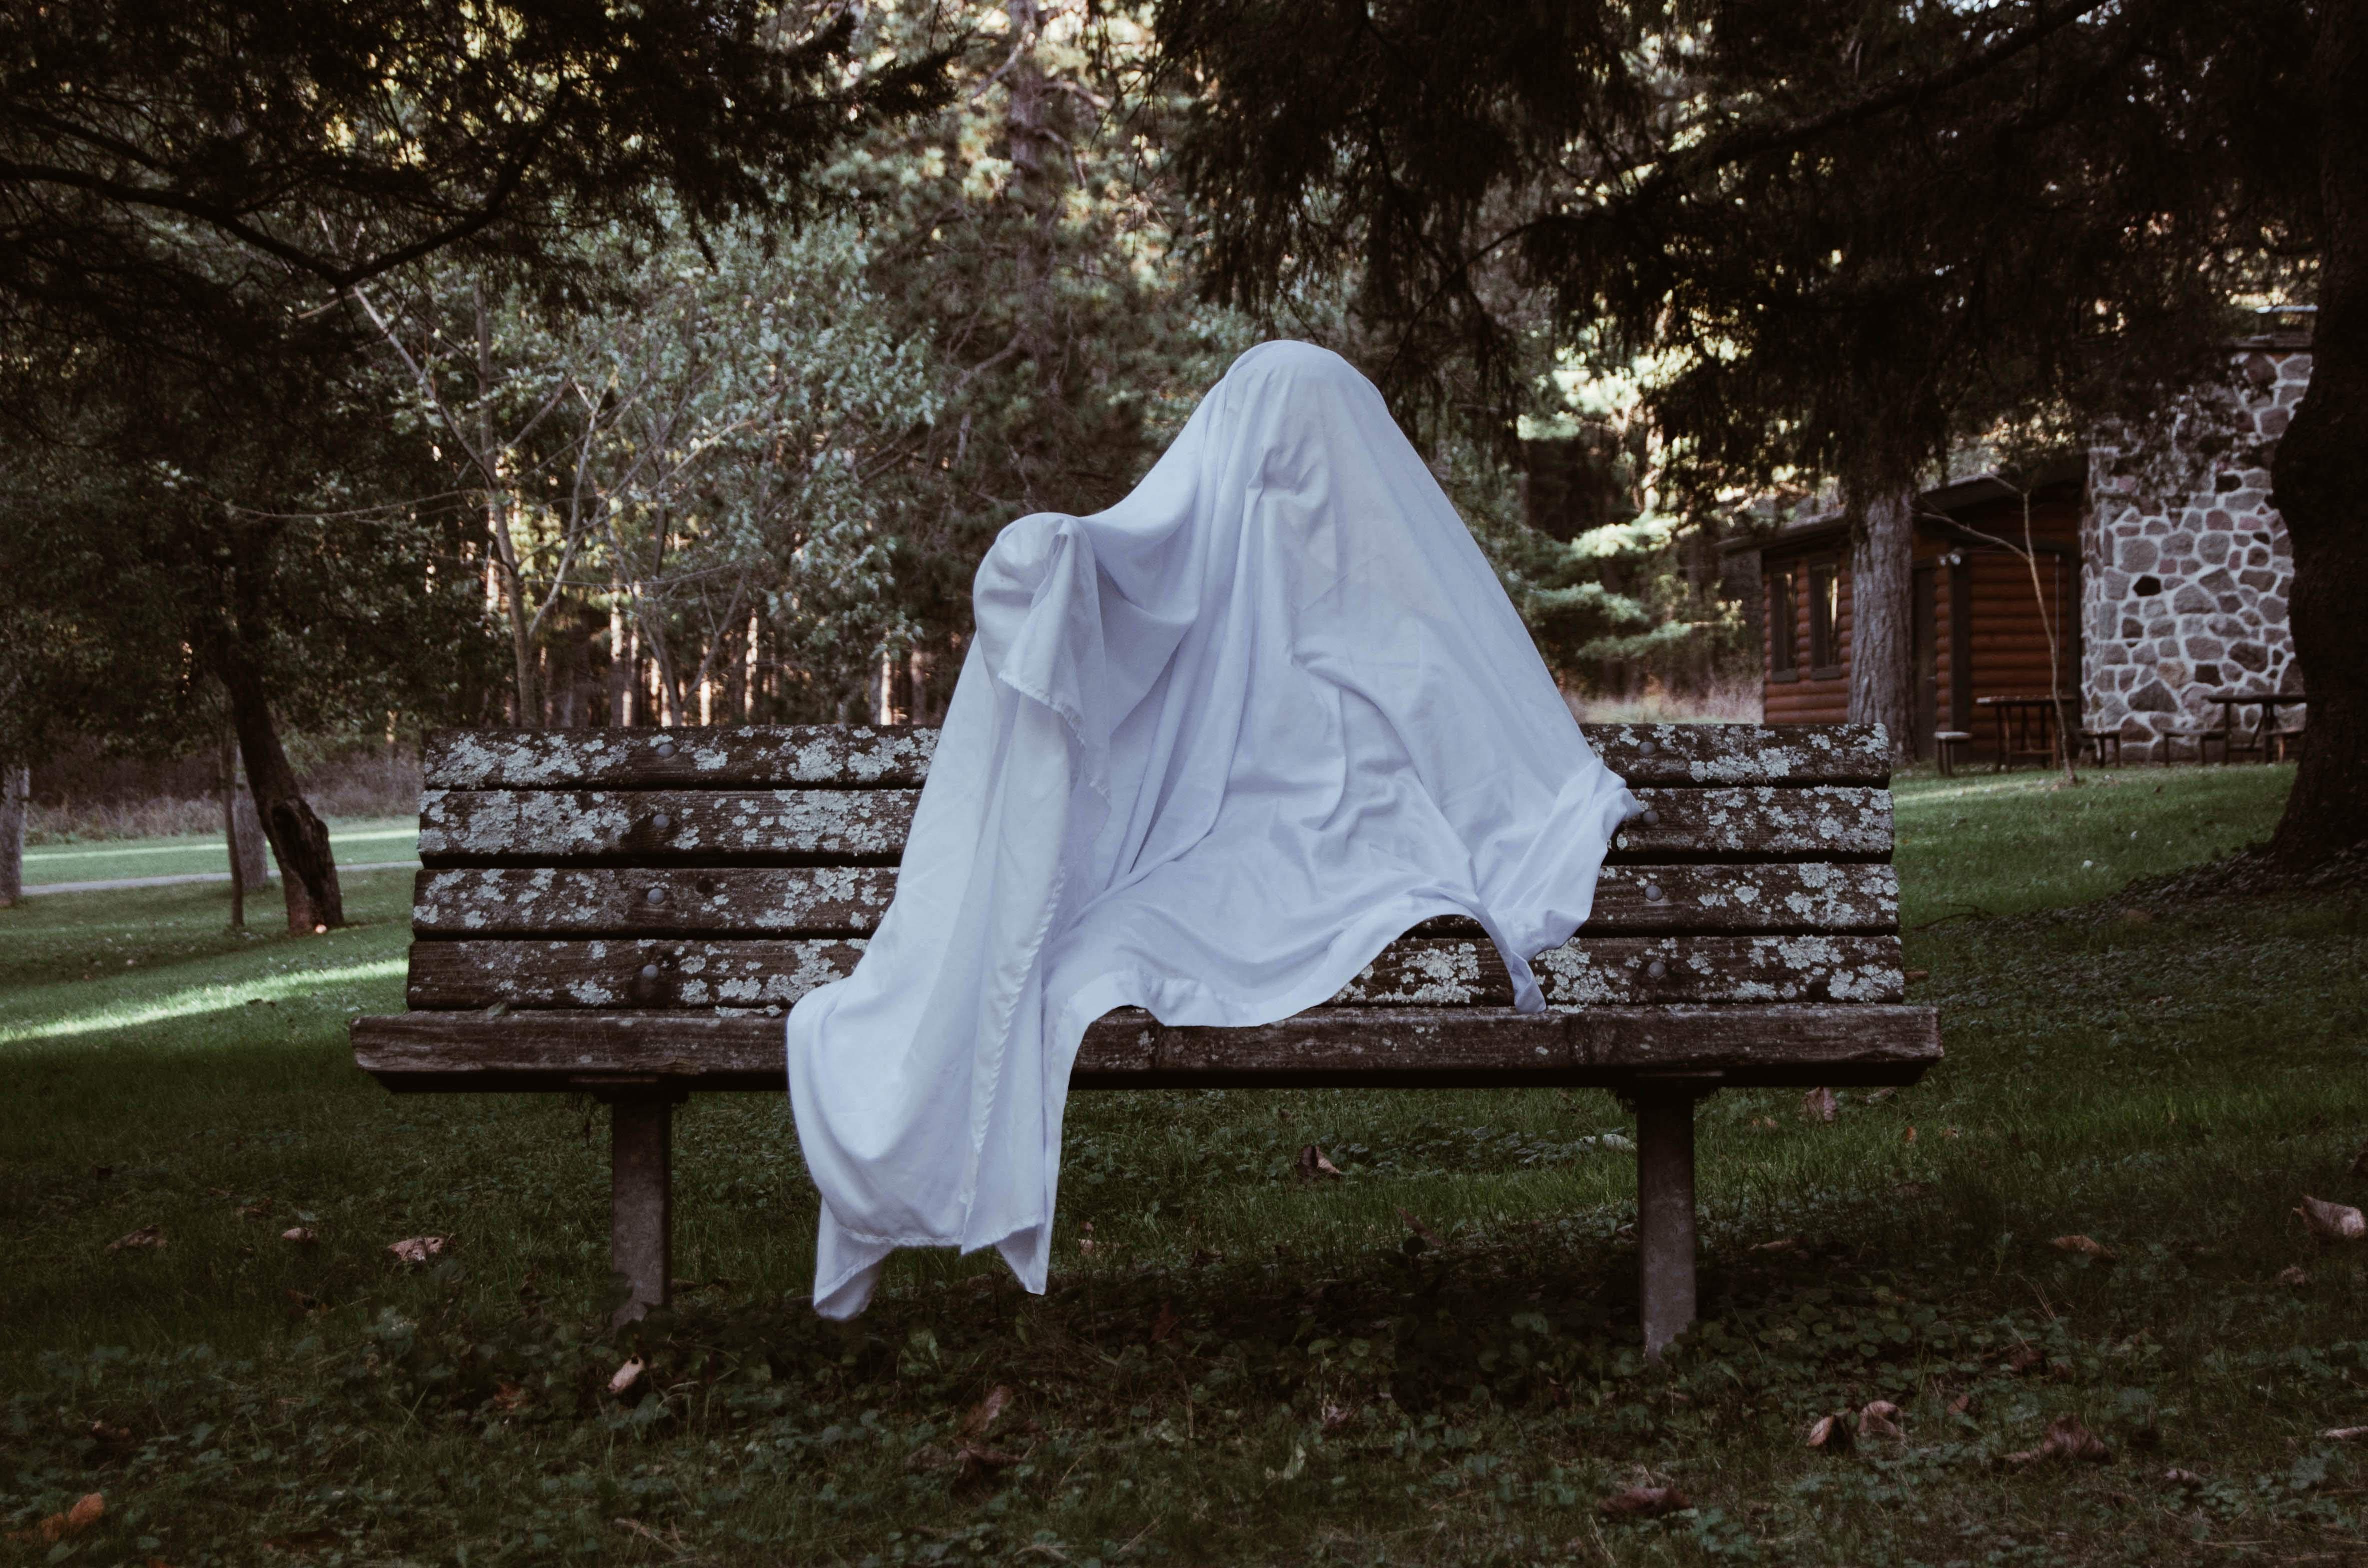 persona disfrazada de fantasma